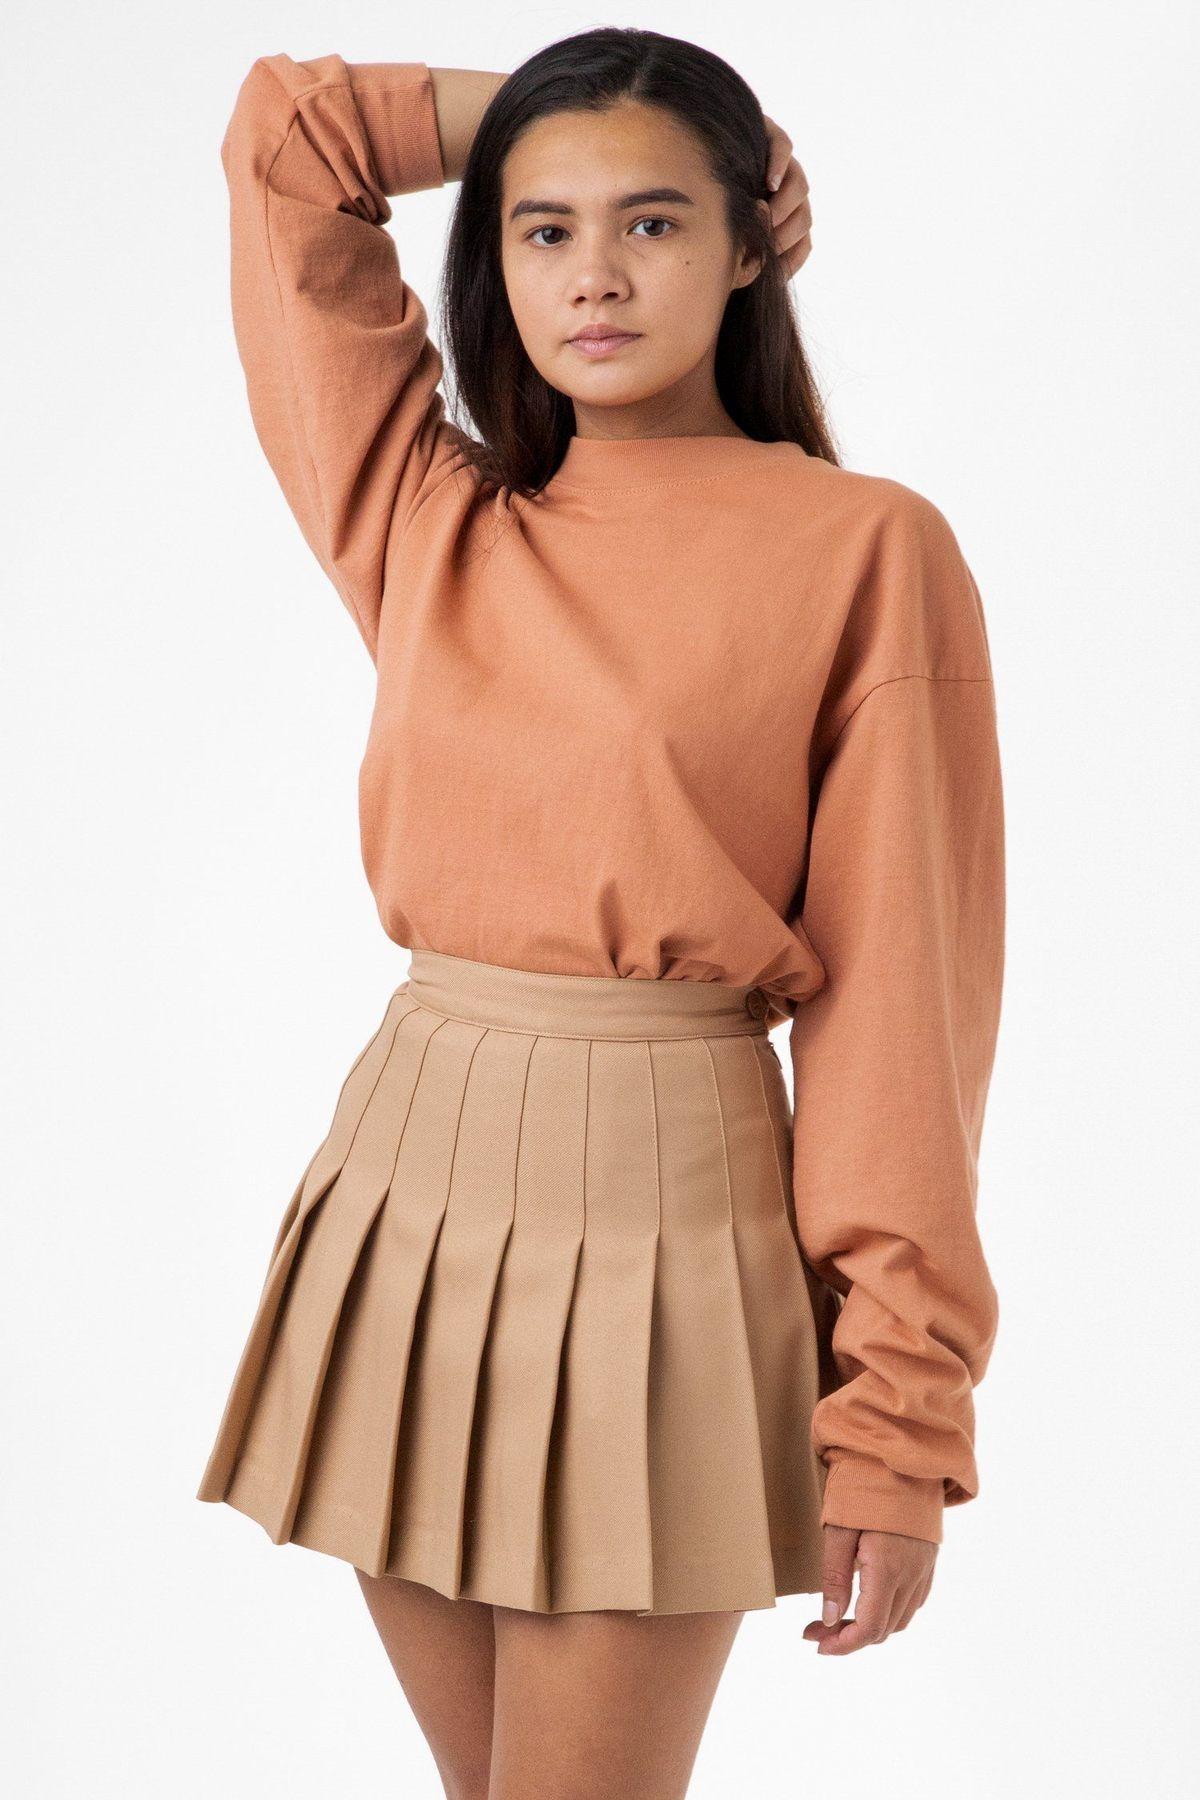 RGB300 - Tennis Skirt (Classic Colors) - Khaki / L